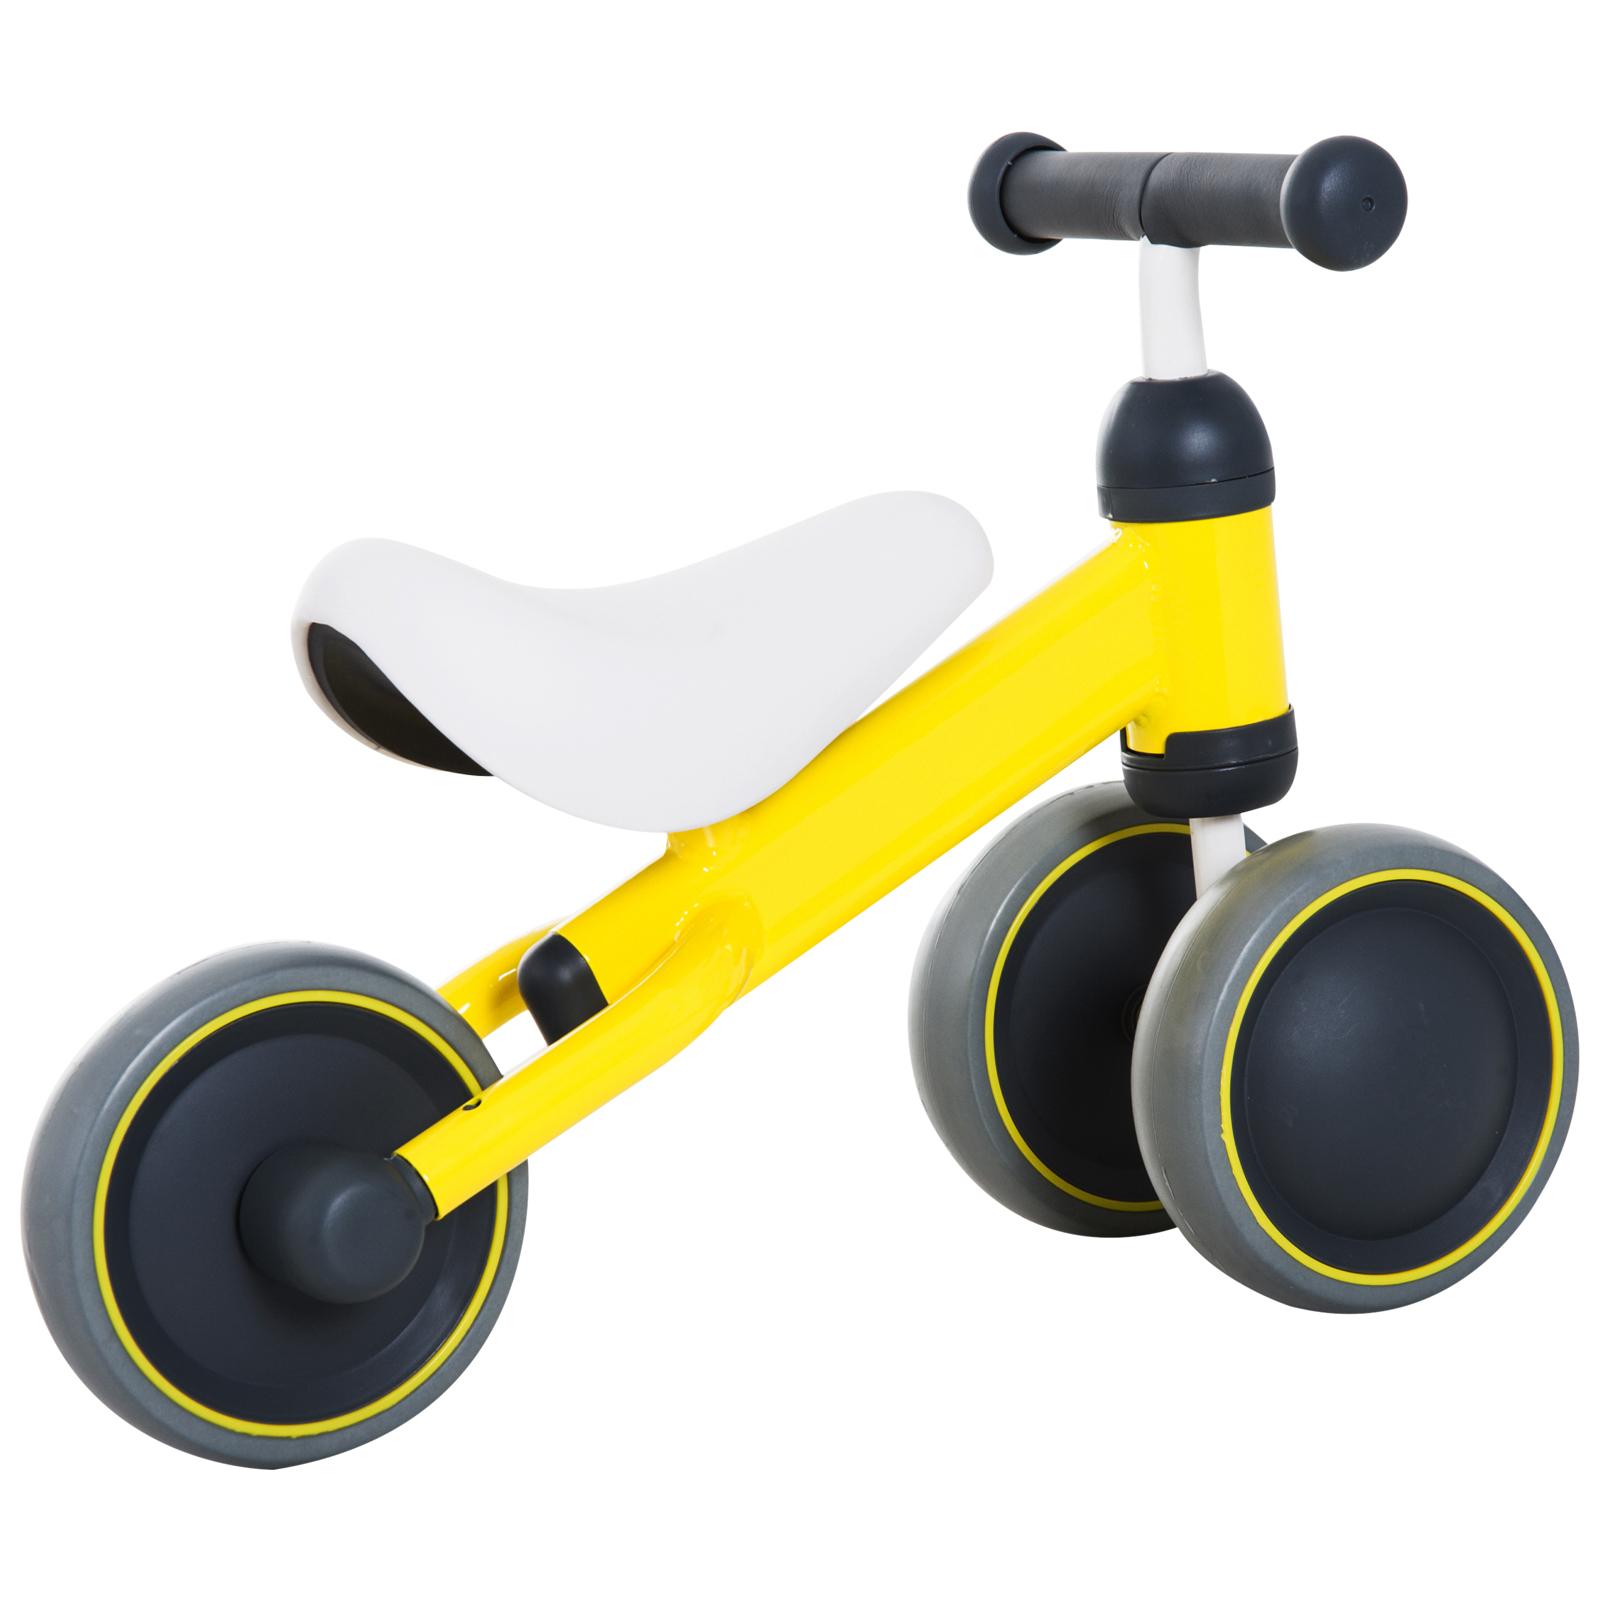 Triciclo-Bicicleta-sin-Pedales-para-Nino-1-3-Anos-Sillon-Comodo-Aluminio miniatura 10